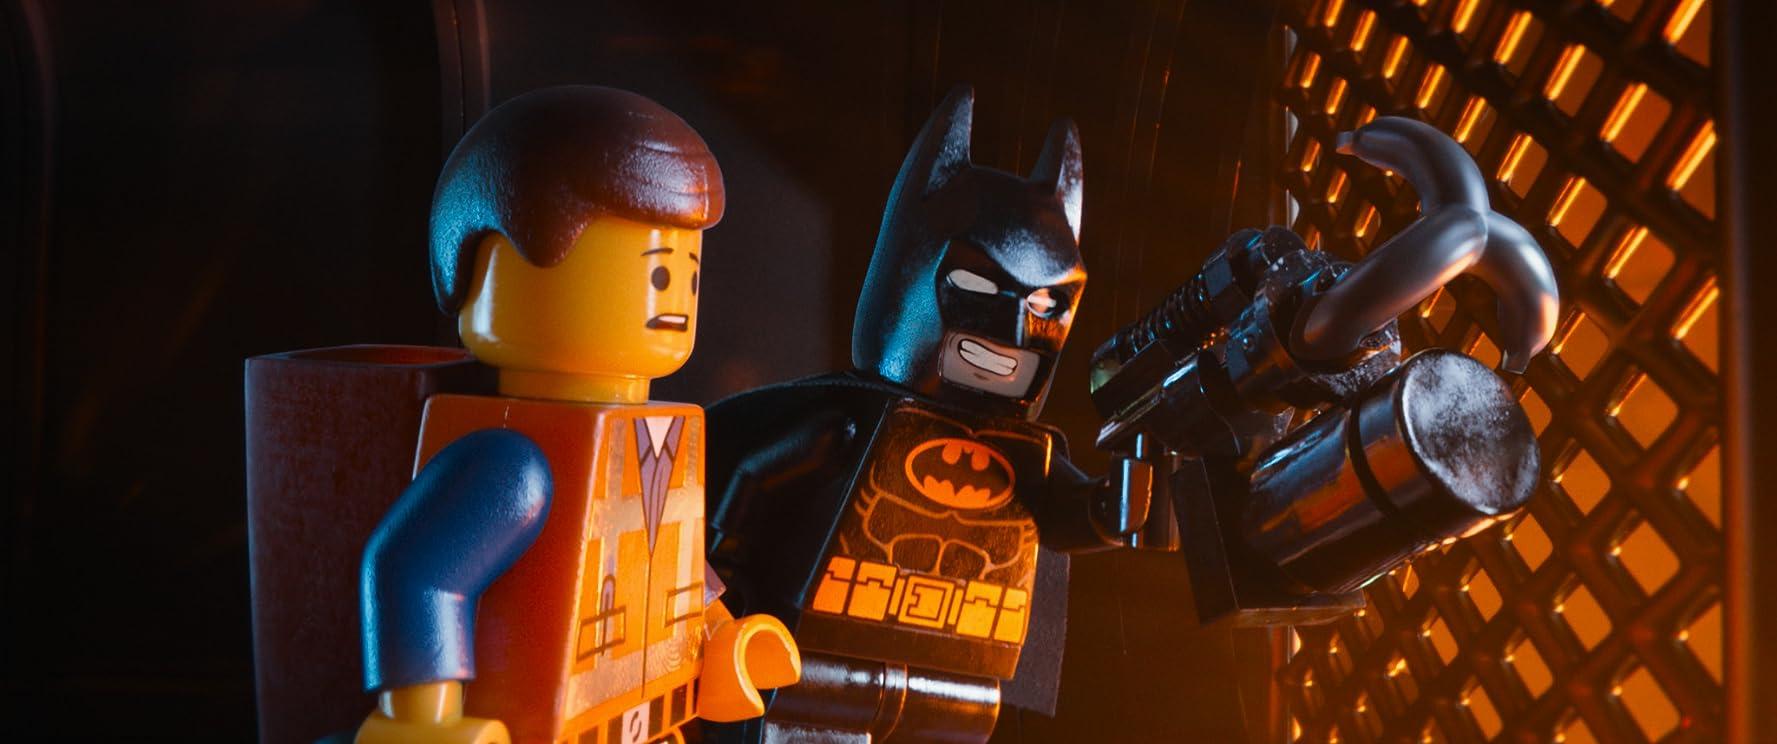 Will Arnett and Chris Pratt in The Lego Movie (2014)